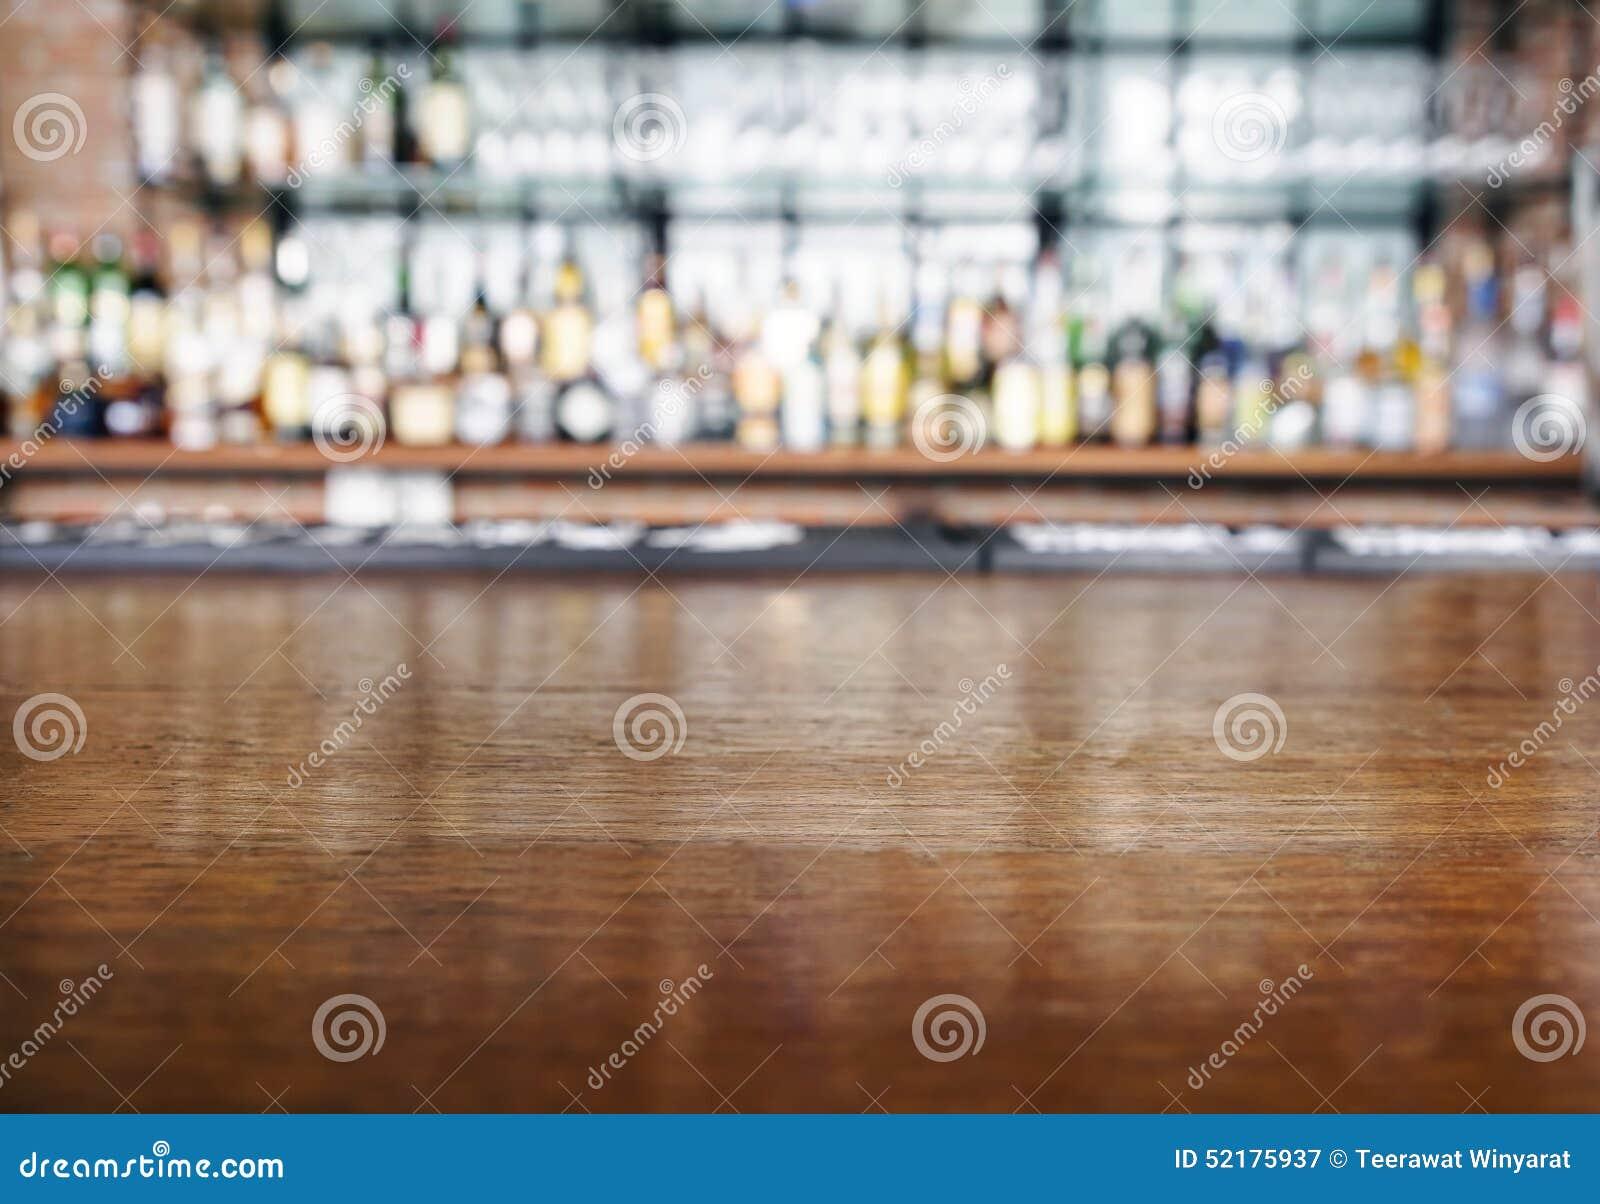 与酒吧的台式木柜台弄脏了背景